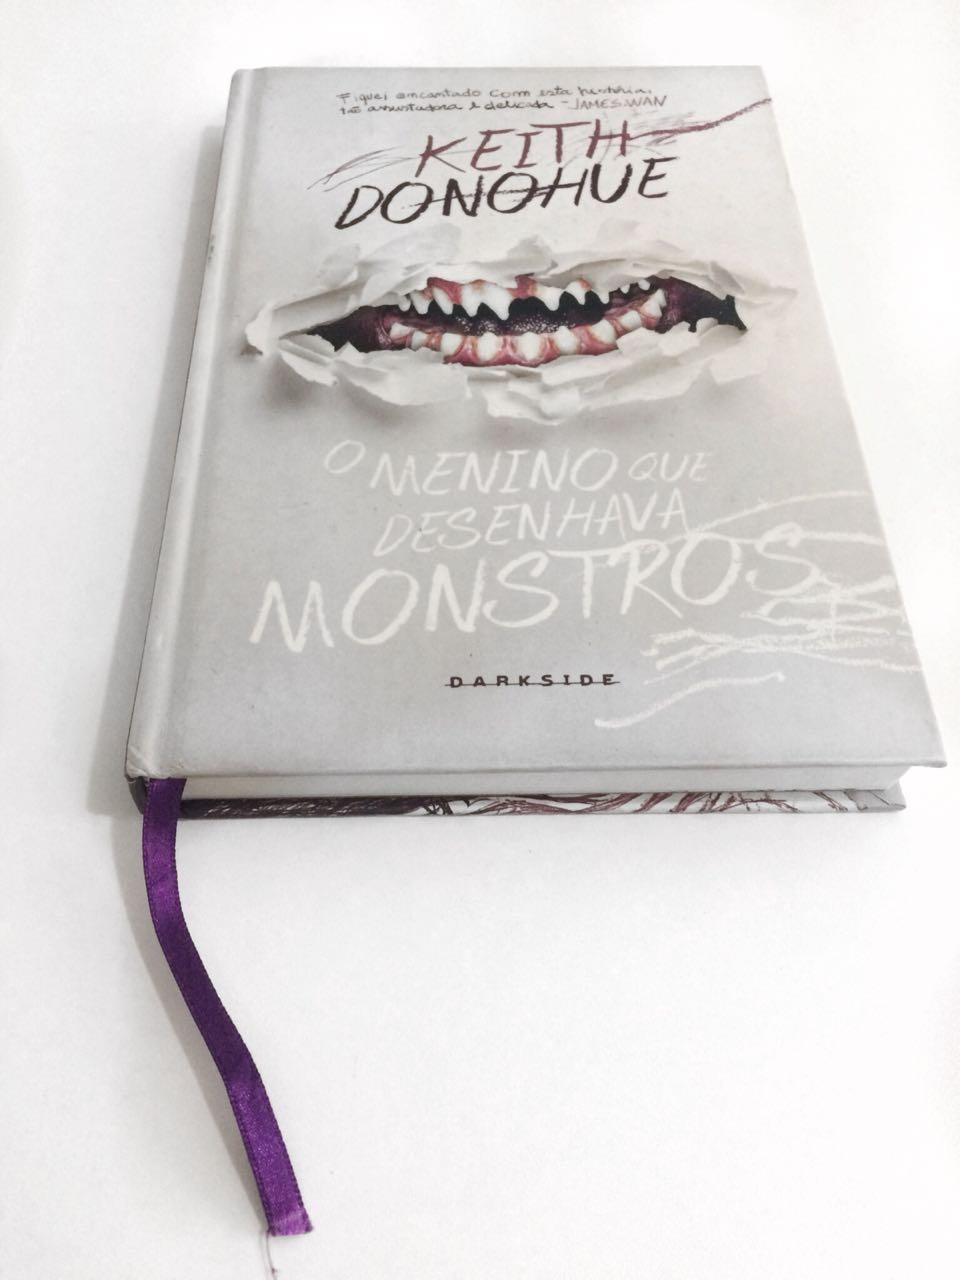 O menino que desenhava monstros – Keith Donohue